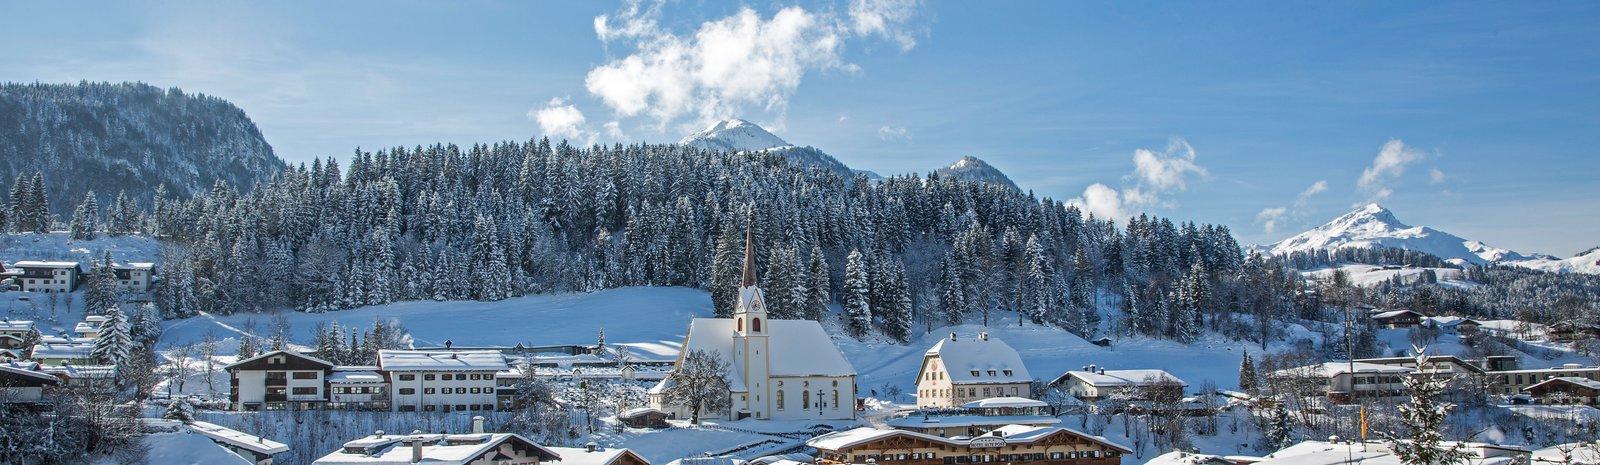 Winter In Fieberbrunn Fieberbrunn Skicircus